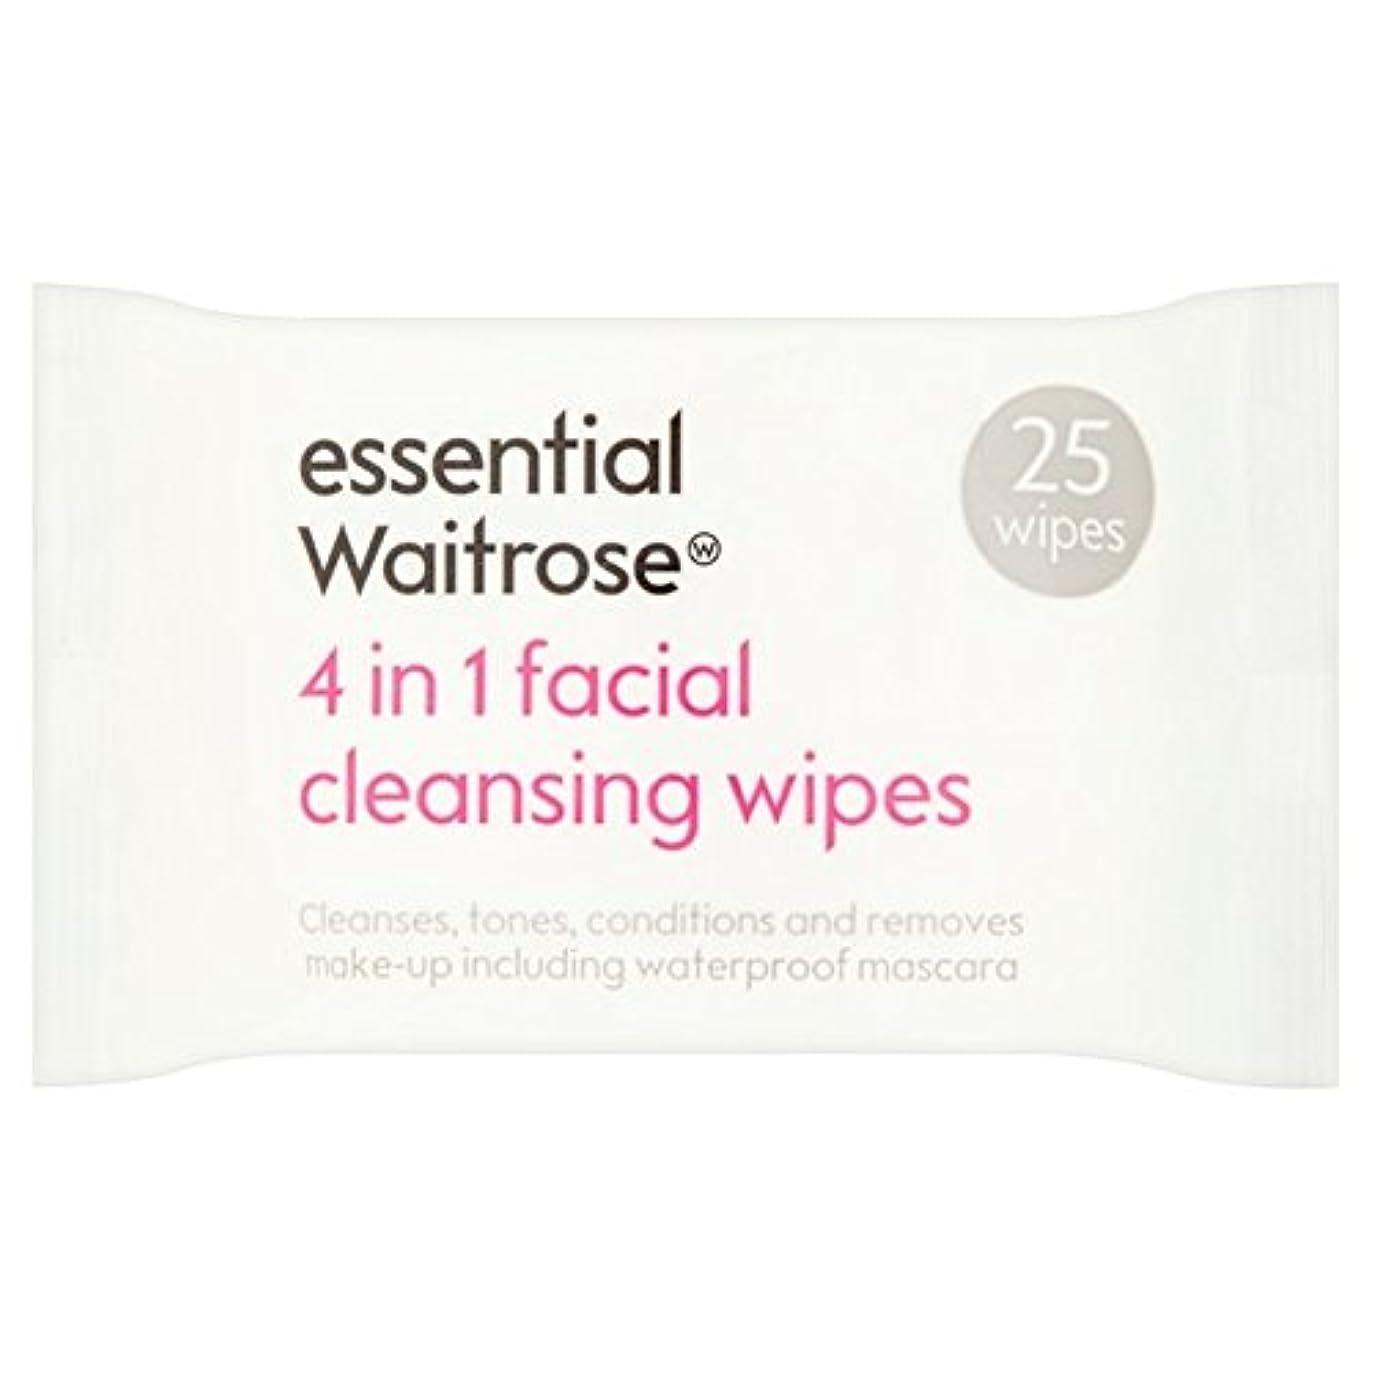 船乗り問い合わせ安らぎ3 in 1 Facial Wipes essential Waitrose 25 per pack (Pack of 6) - 3 1での顔のワイプパックあたり不可欠ウェイトローズ25 x6 [並行輸入品]